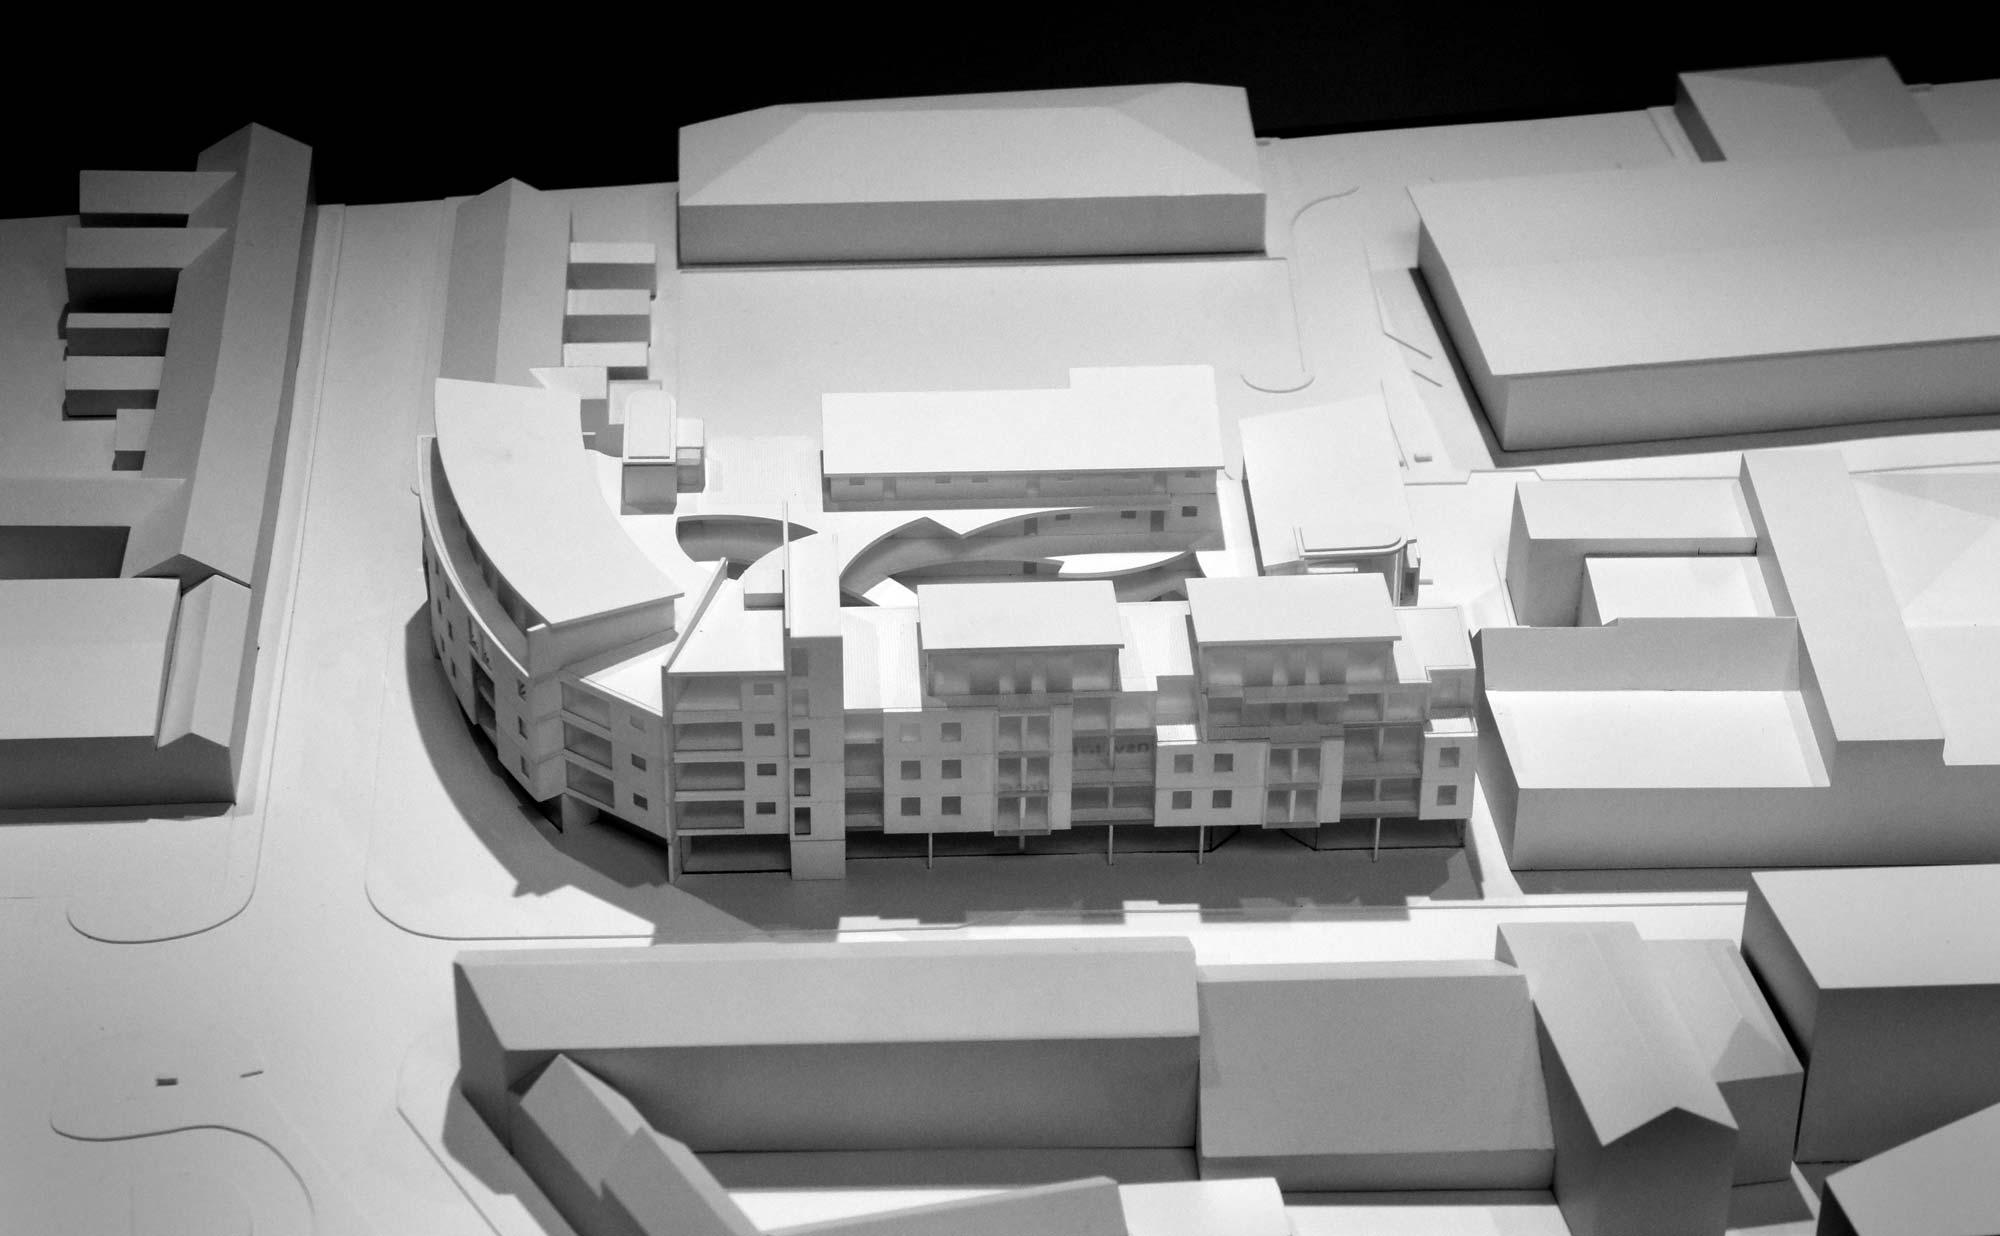 residential development model 4